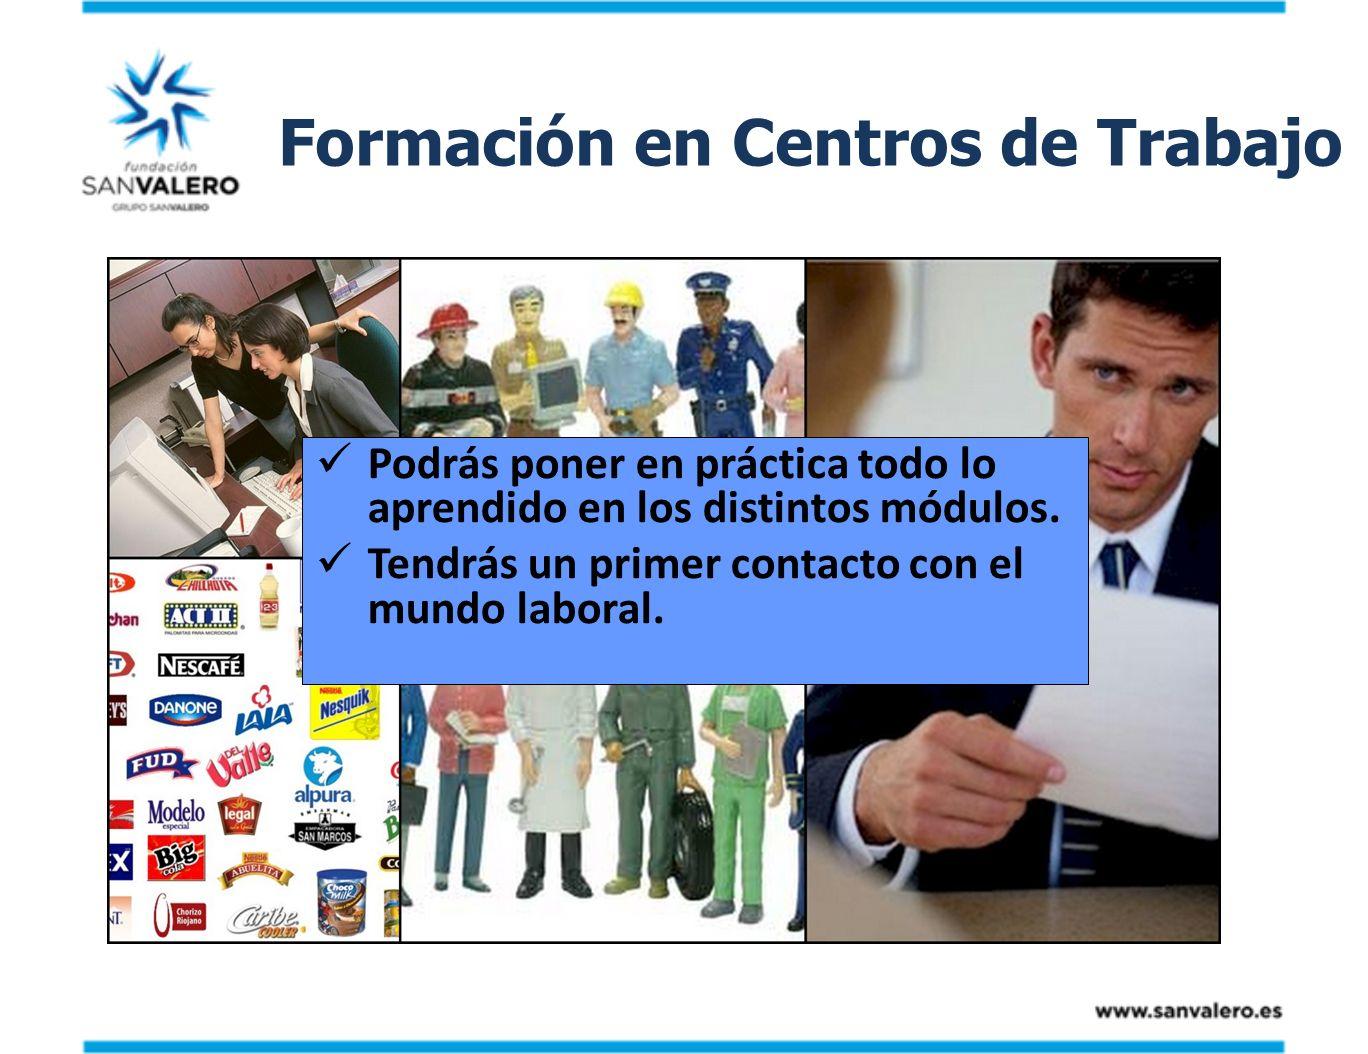 Formación en Centros de Trabajo Podrás poner en práctica todo lo aprendido en los distintos módulos. Tendrás un primer contacto con el mundo laboral.